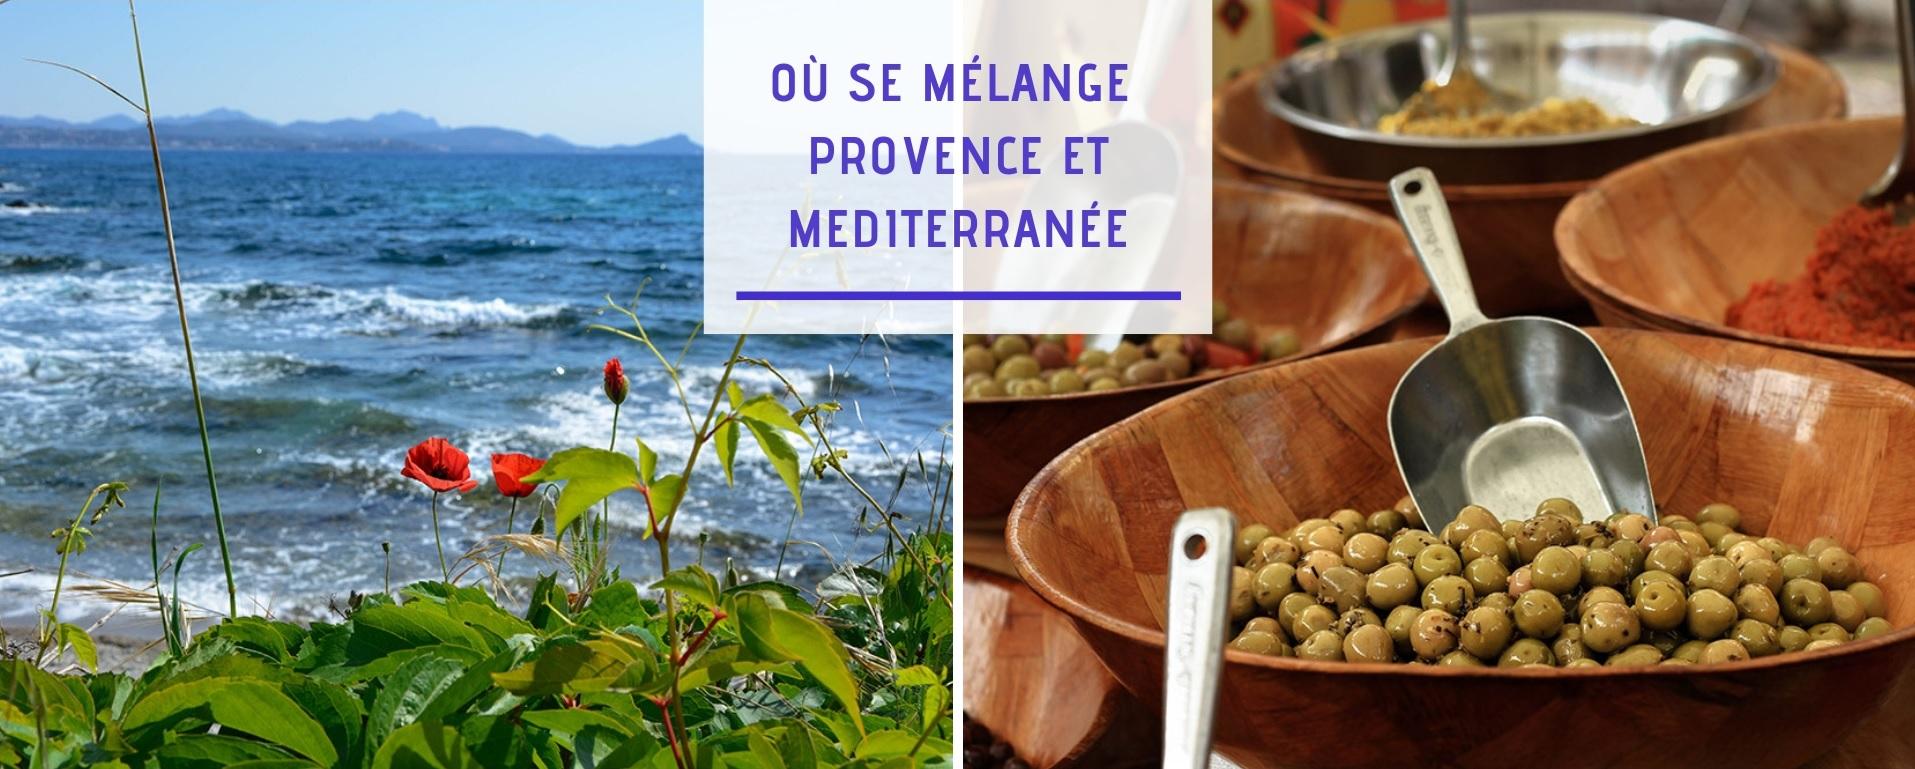 Provence mediterranee